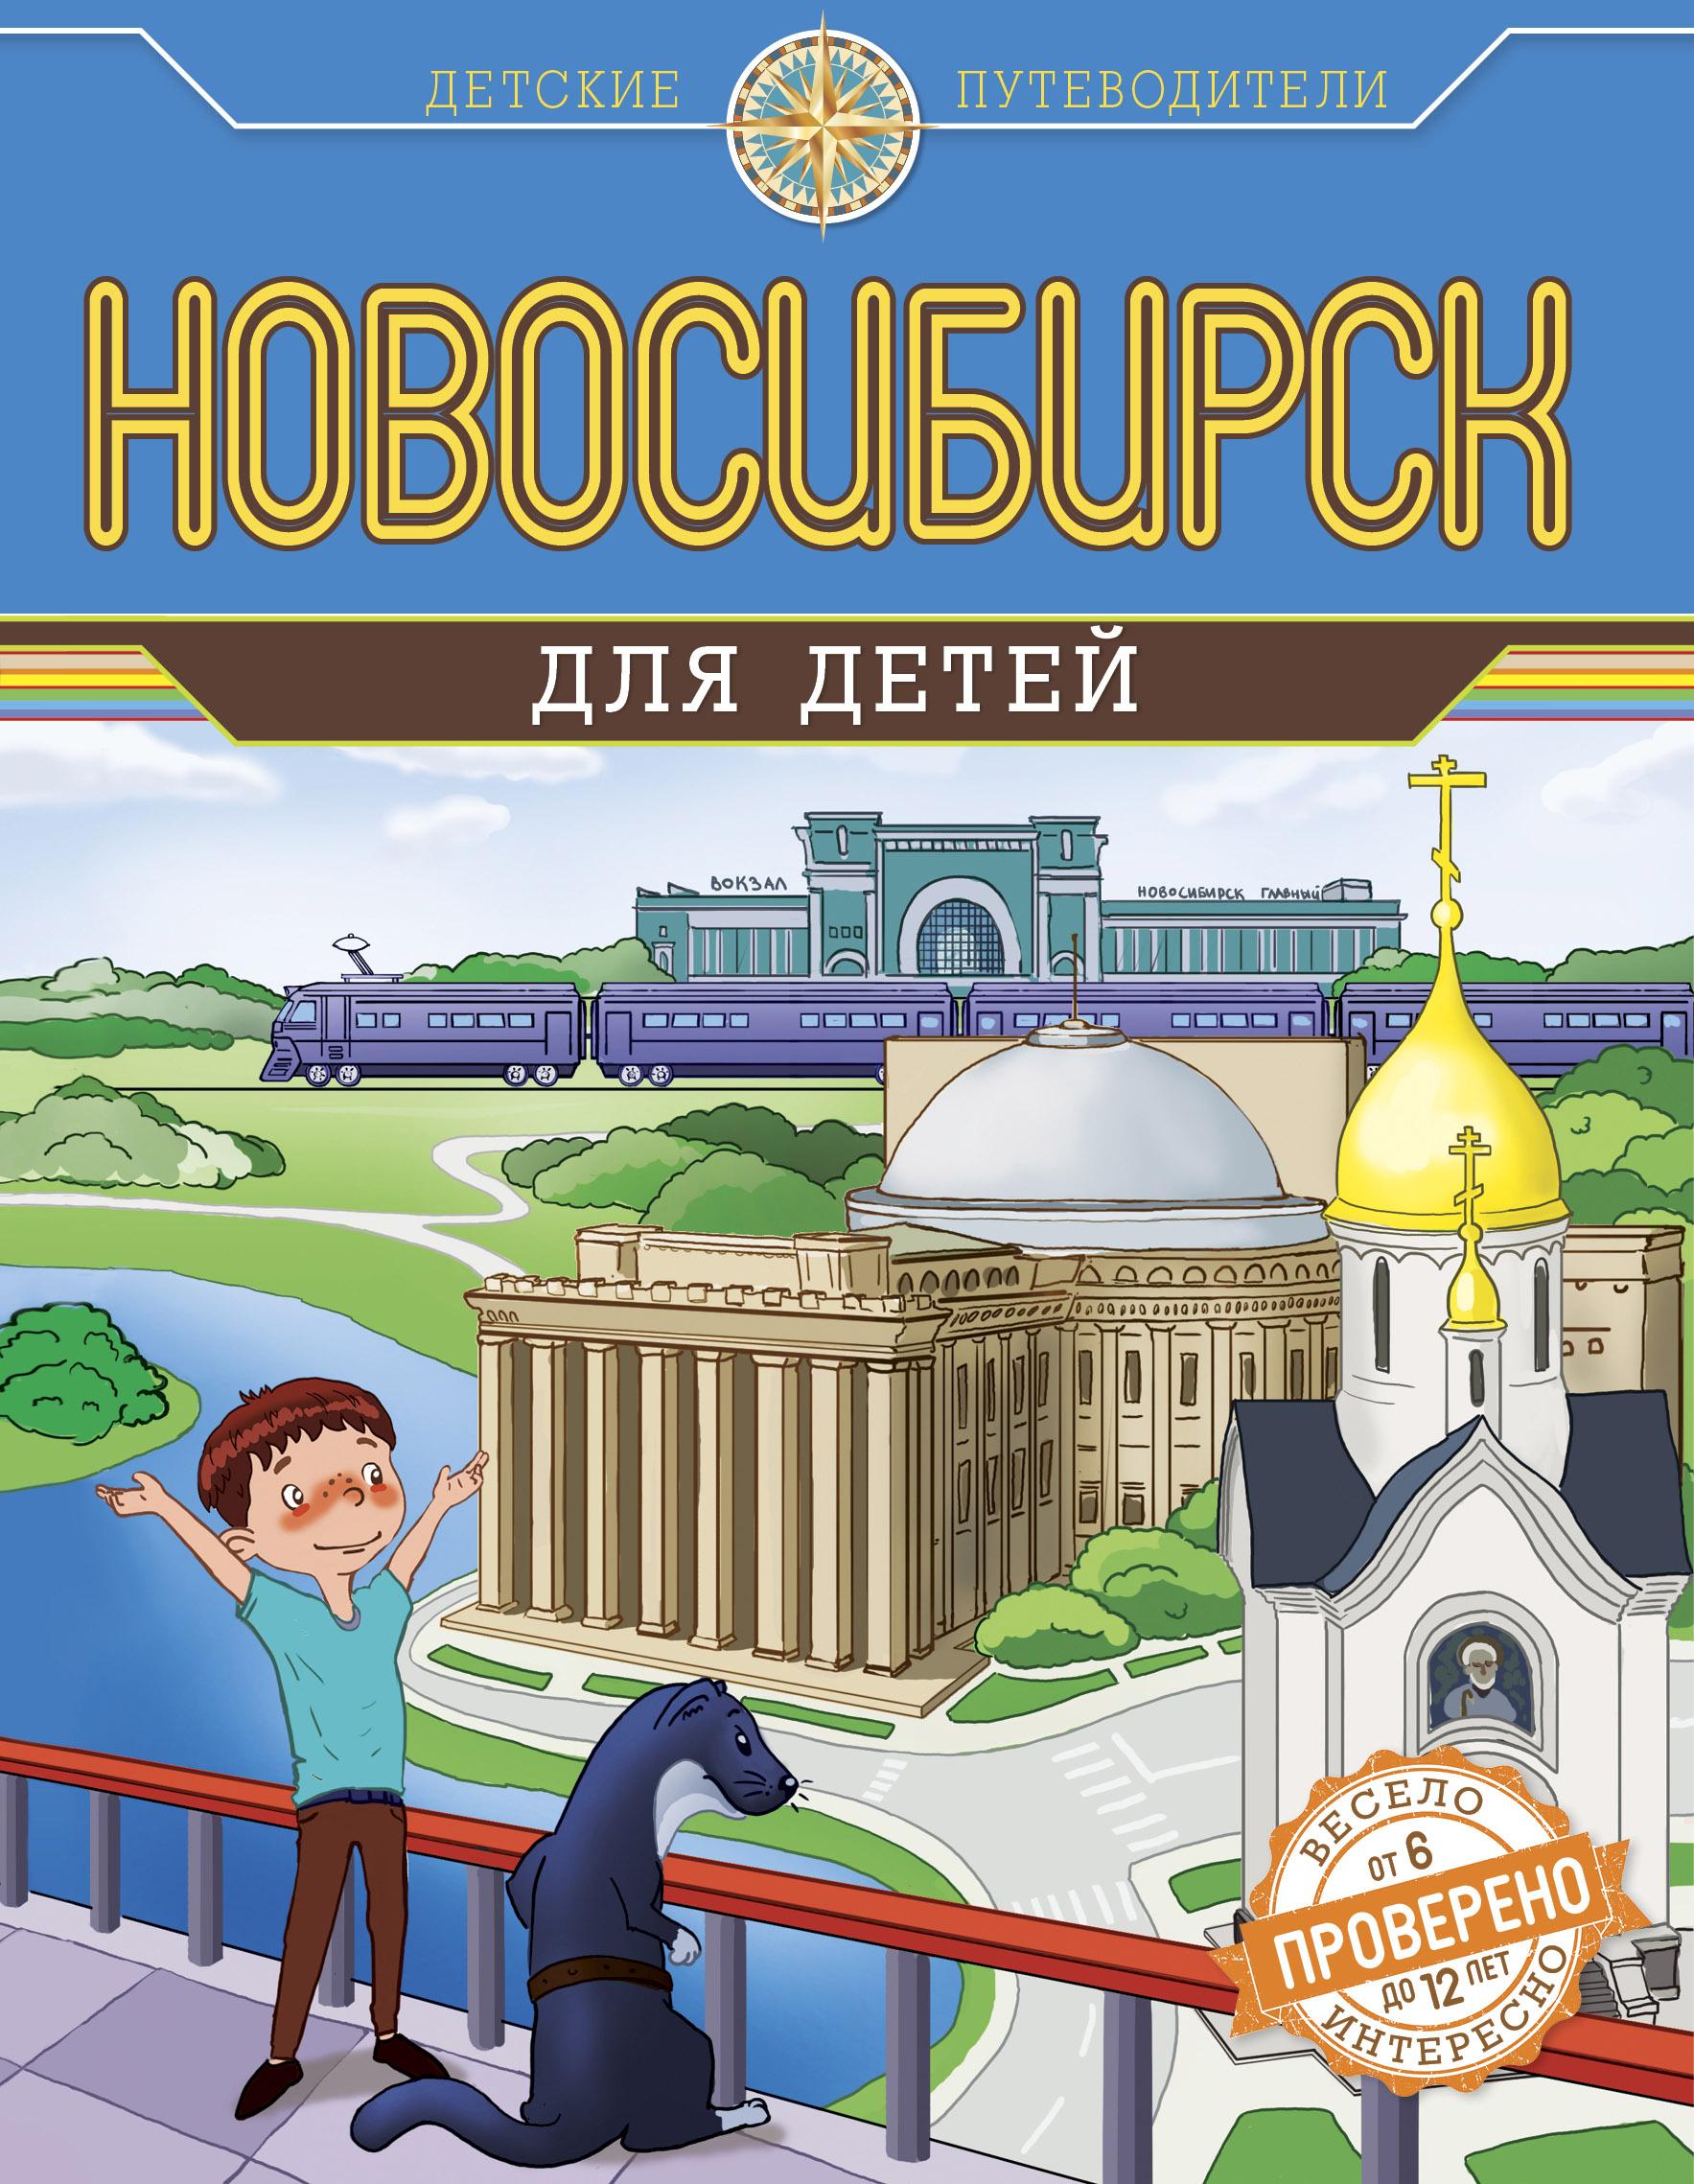 А. Квашин Новосибирск для детей оптимен витамины в новосибирске